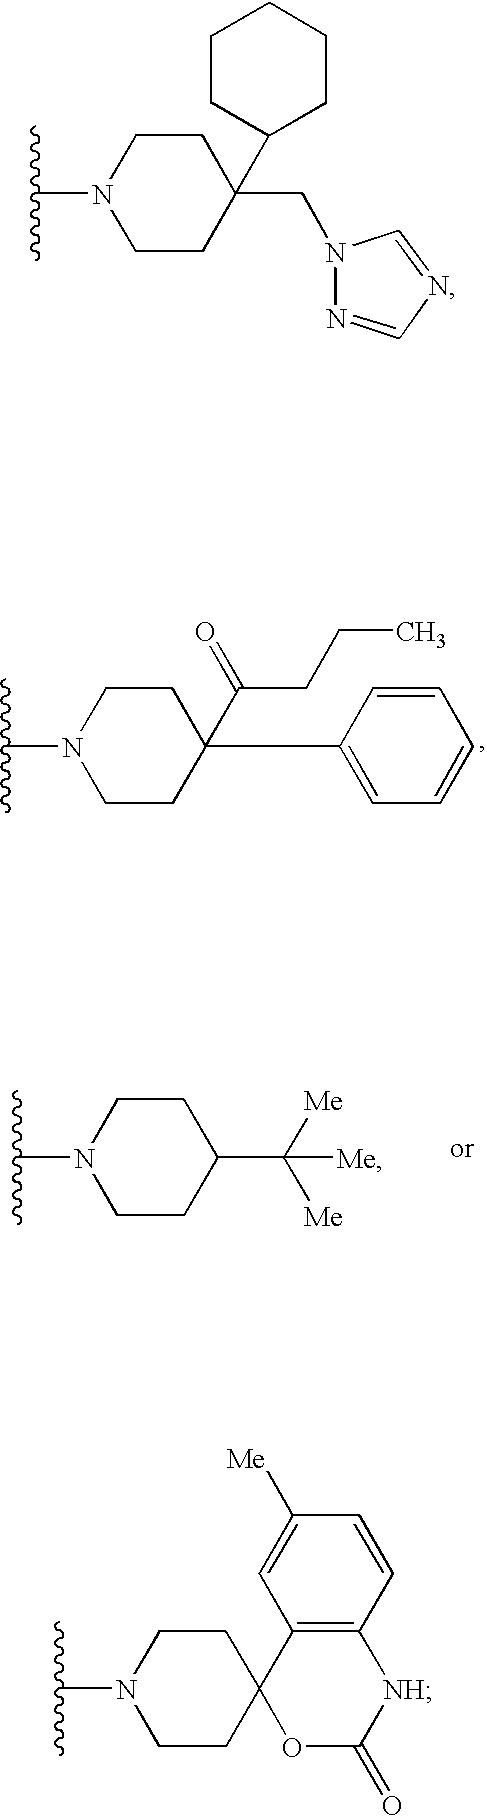 Figure US07067525-20060627-C00379